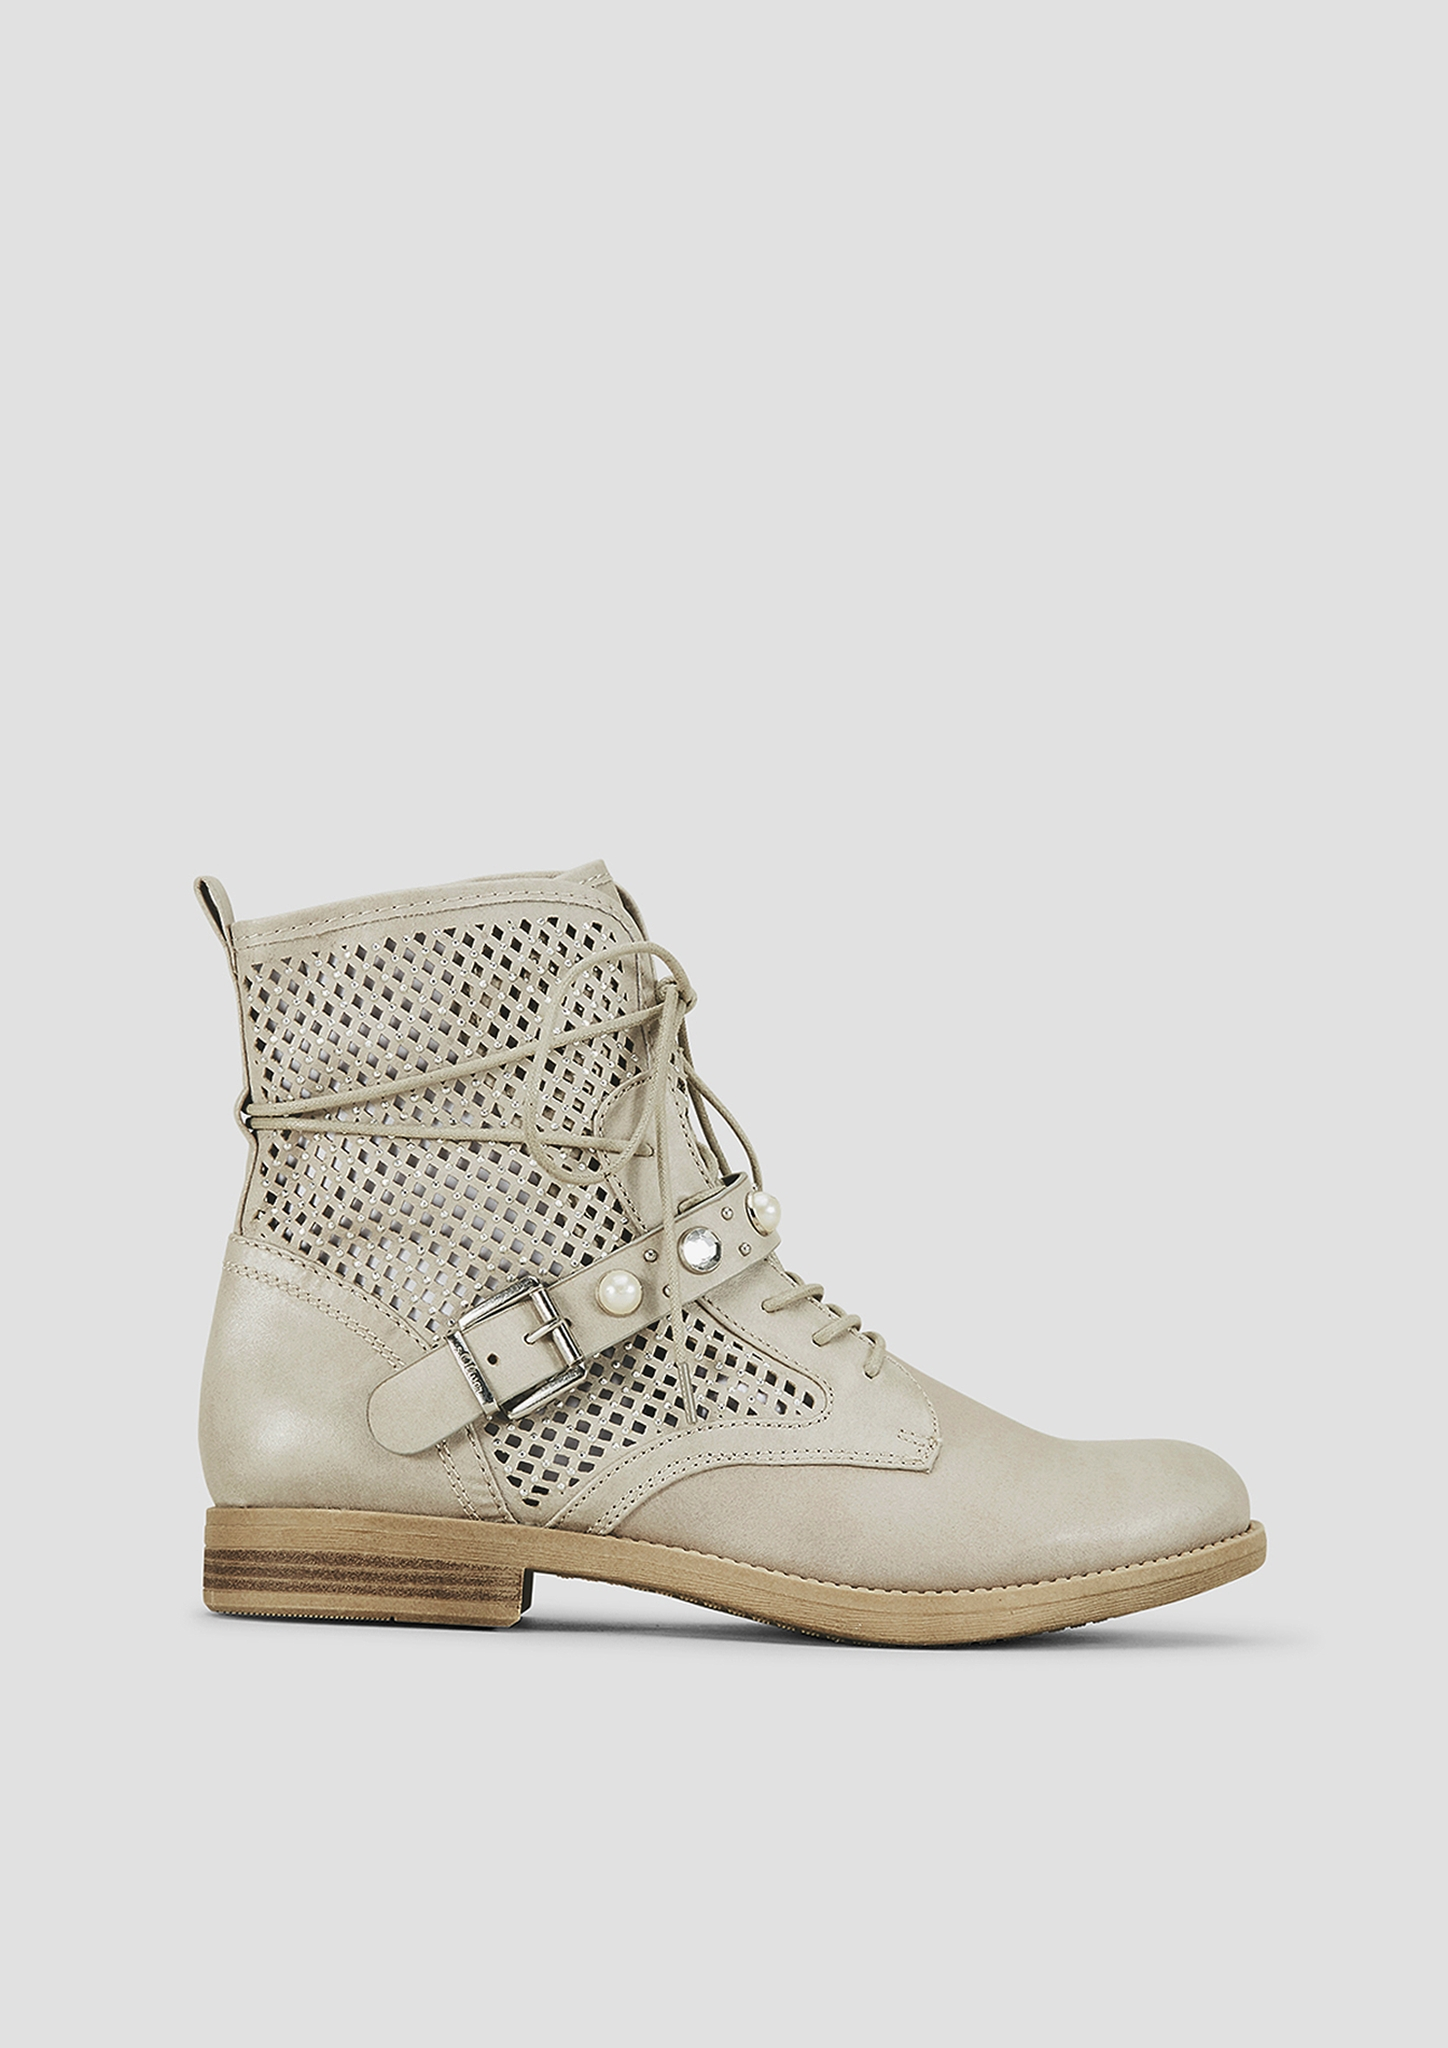 Sommer-Boots | Schuhe > Boots > Sommerboots | Grau/schwarz | Obermaterial aus textil| futter aus textil und synthetik| decksohle aus synthetik| laufsohle aus synthetik | s.Oliver